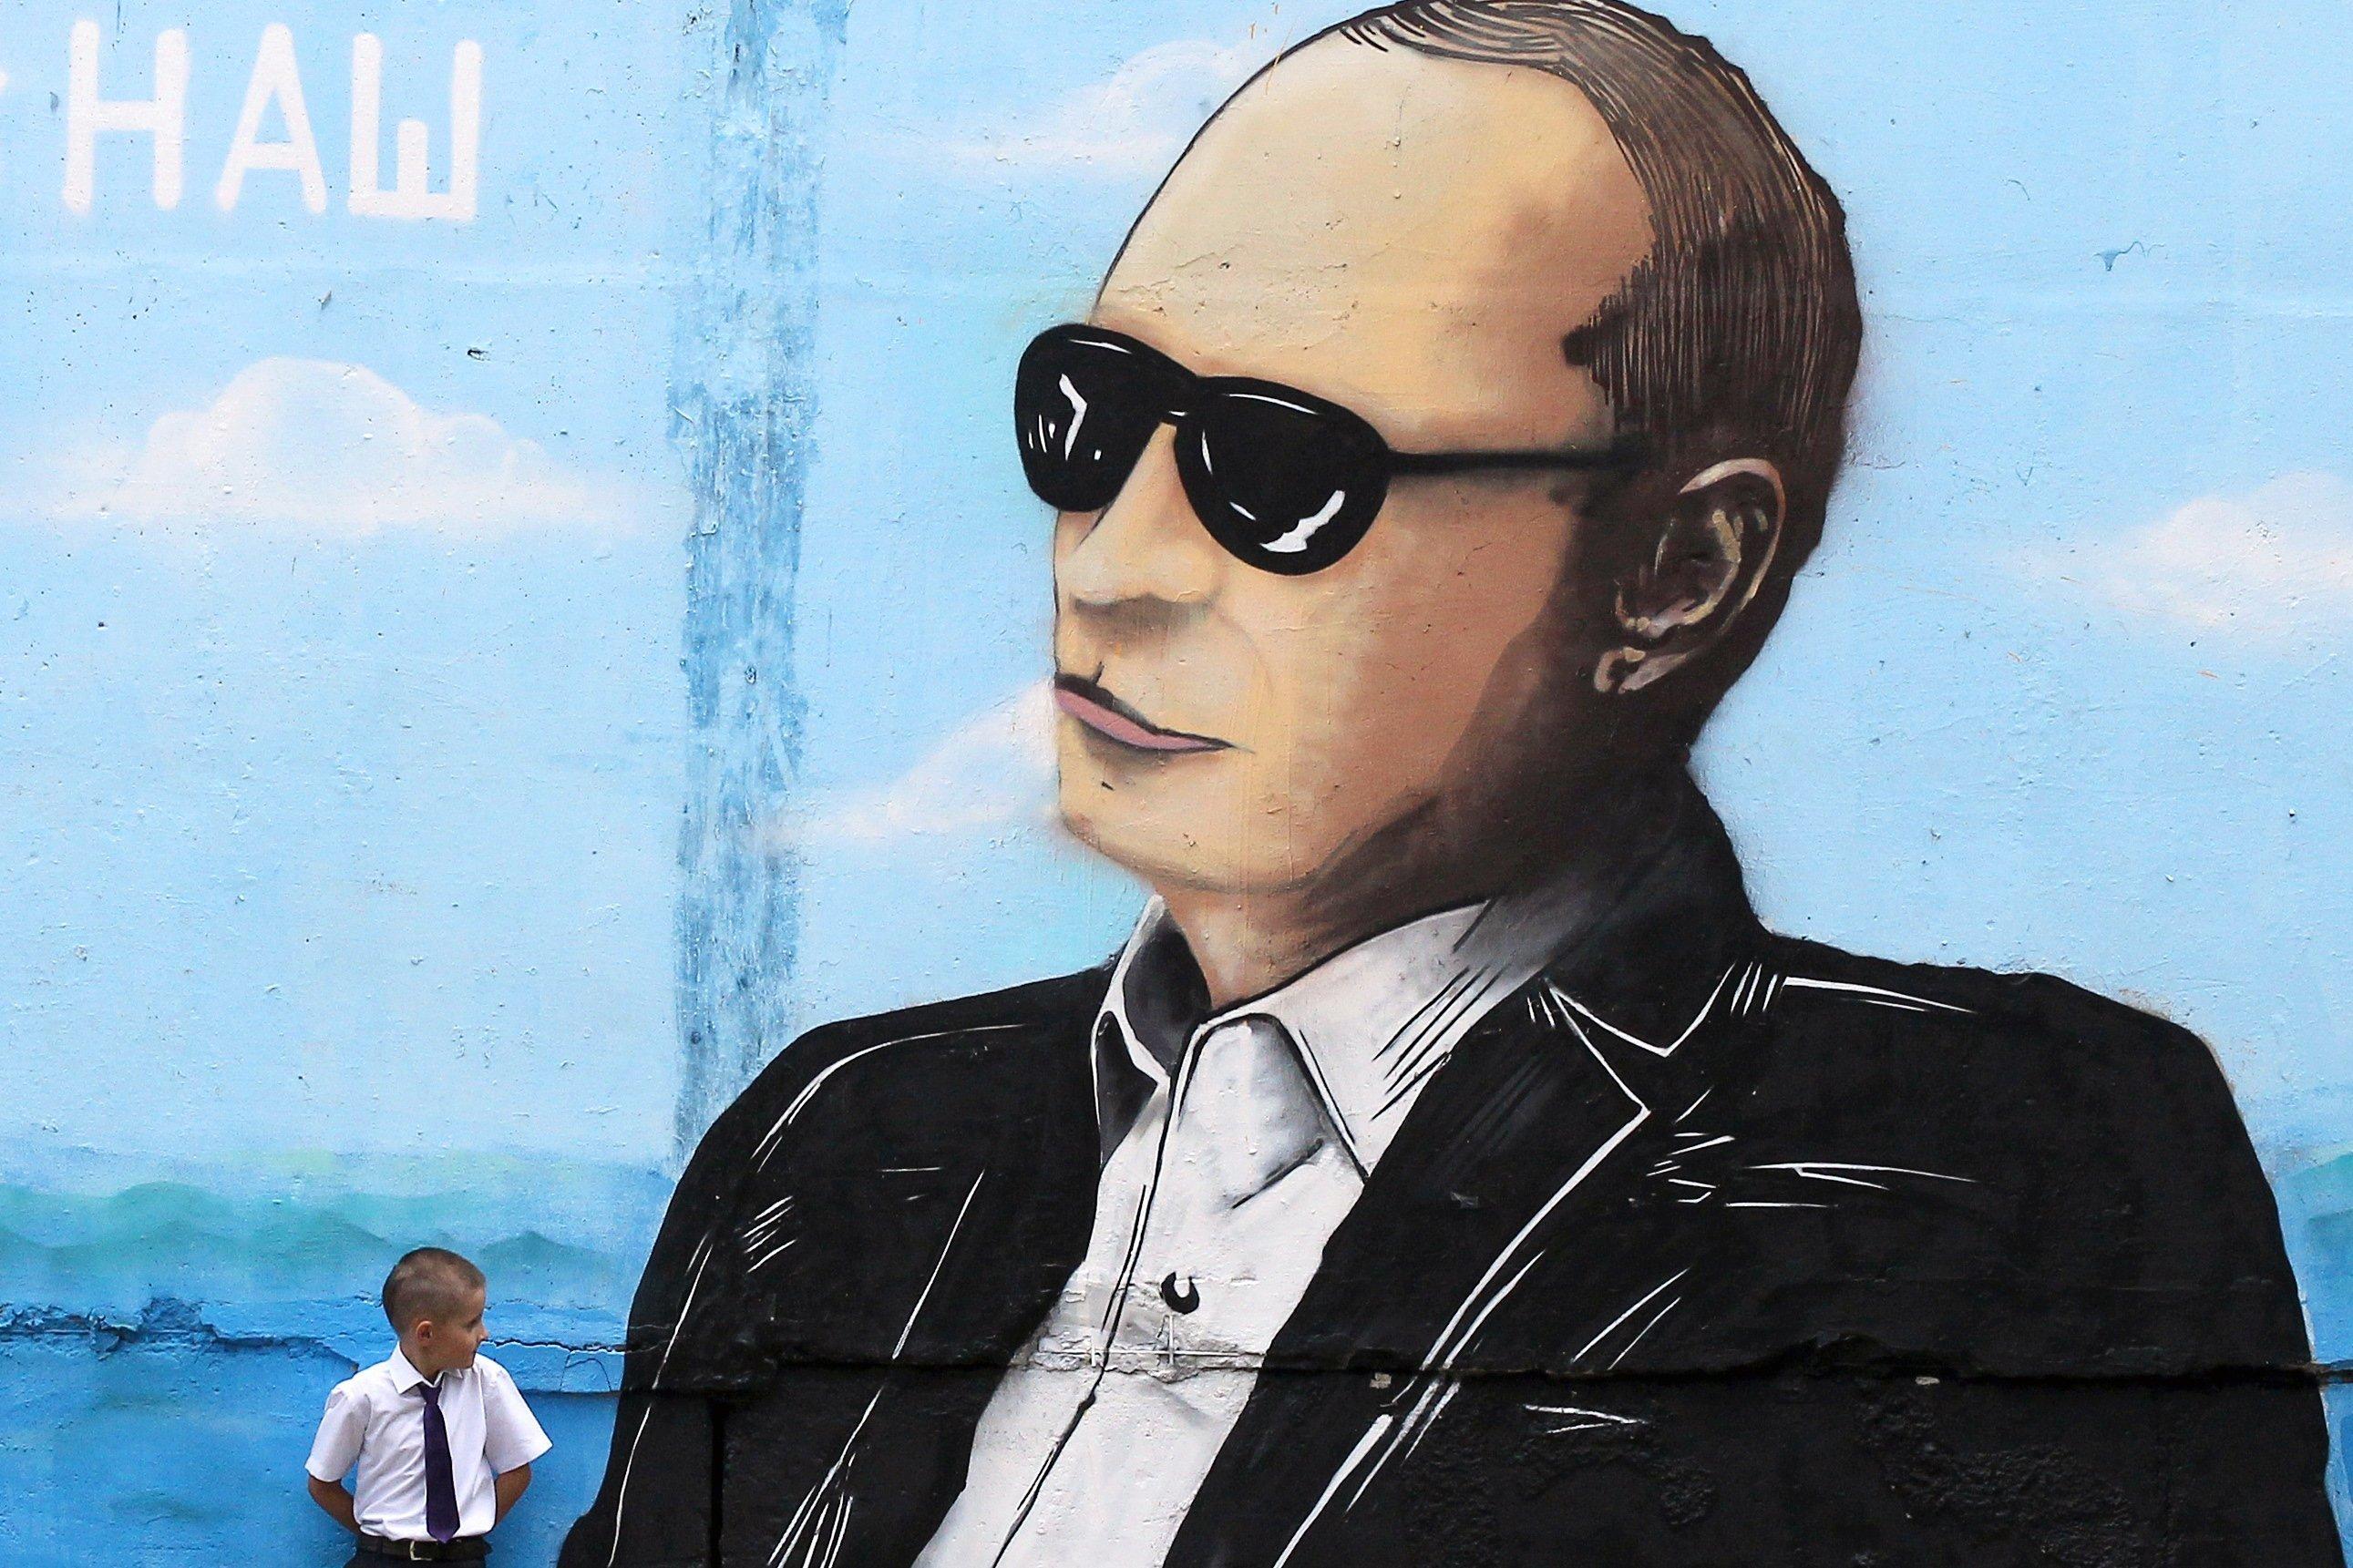 Ο βρετανός Υπουργός ασφαλείας κατηγορεί τον ίδιο τον Πούτιν ως βασικό υπεύθυνο για την επίθεση με στον κατάσκοπο